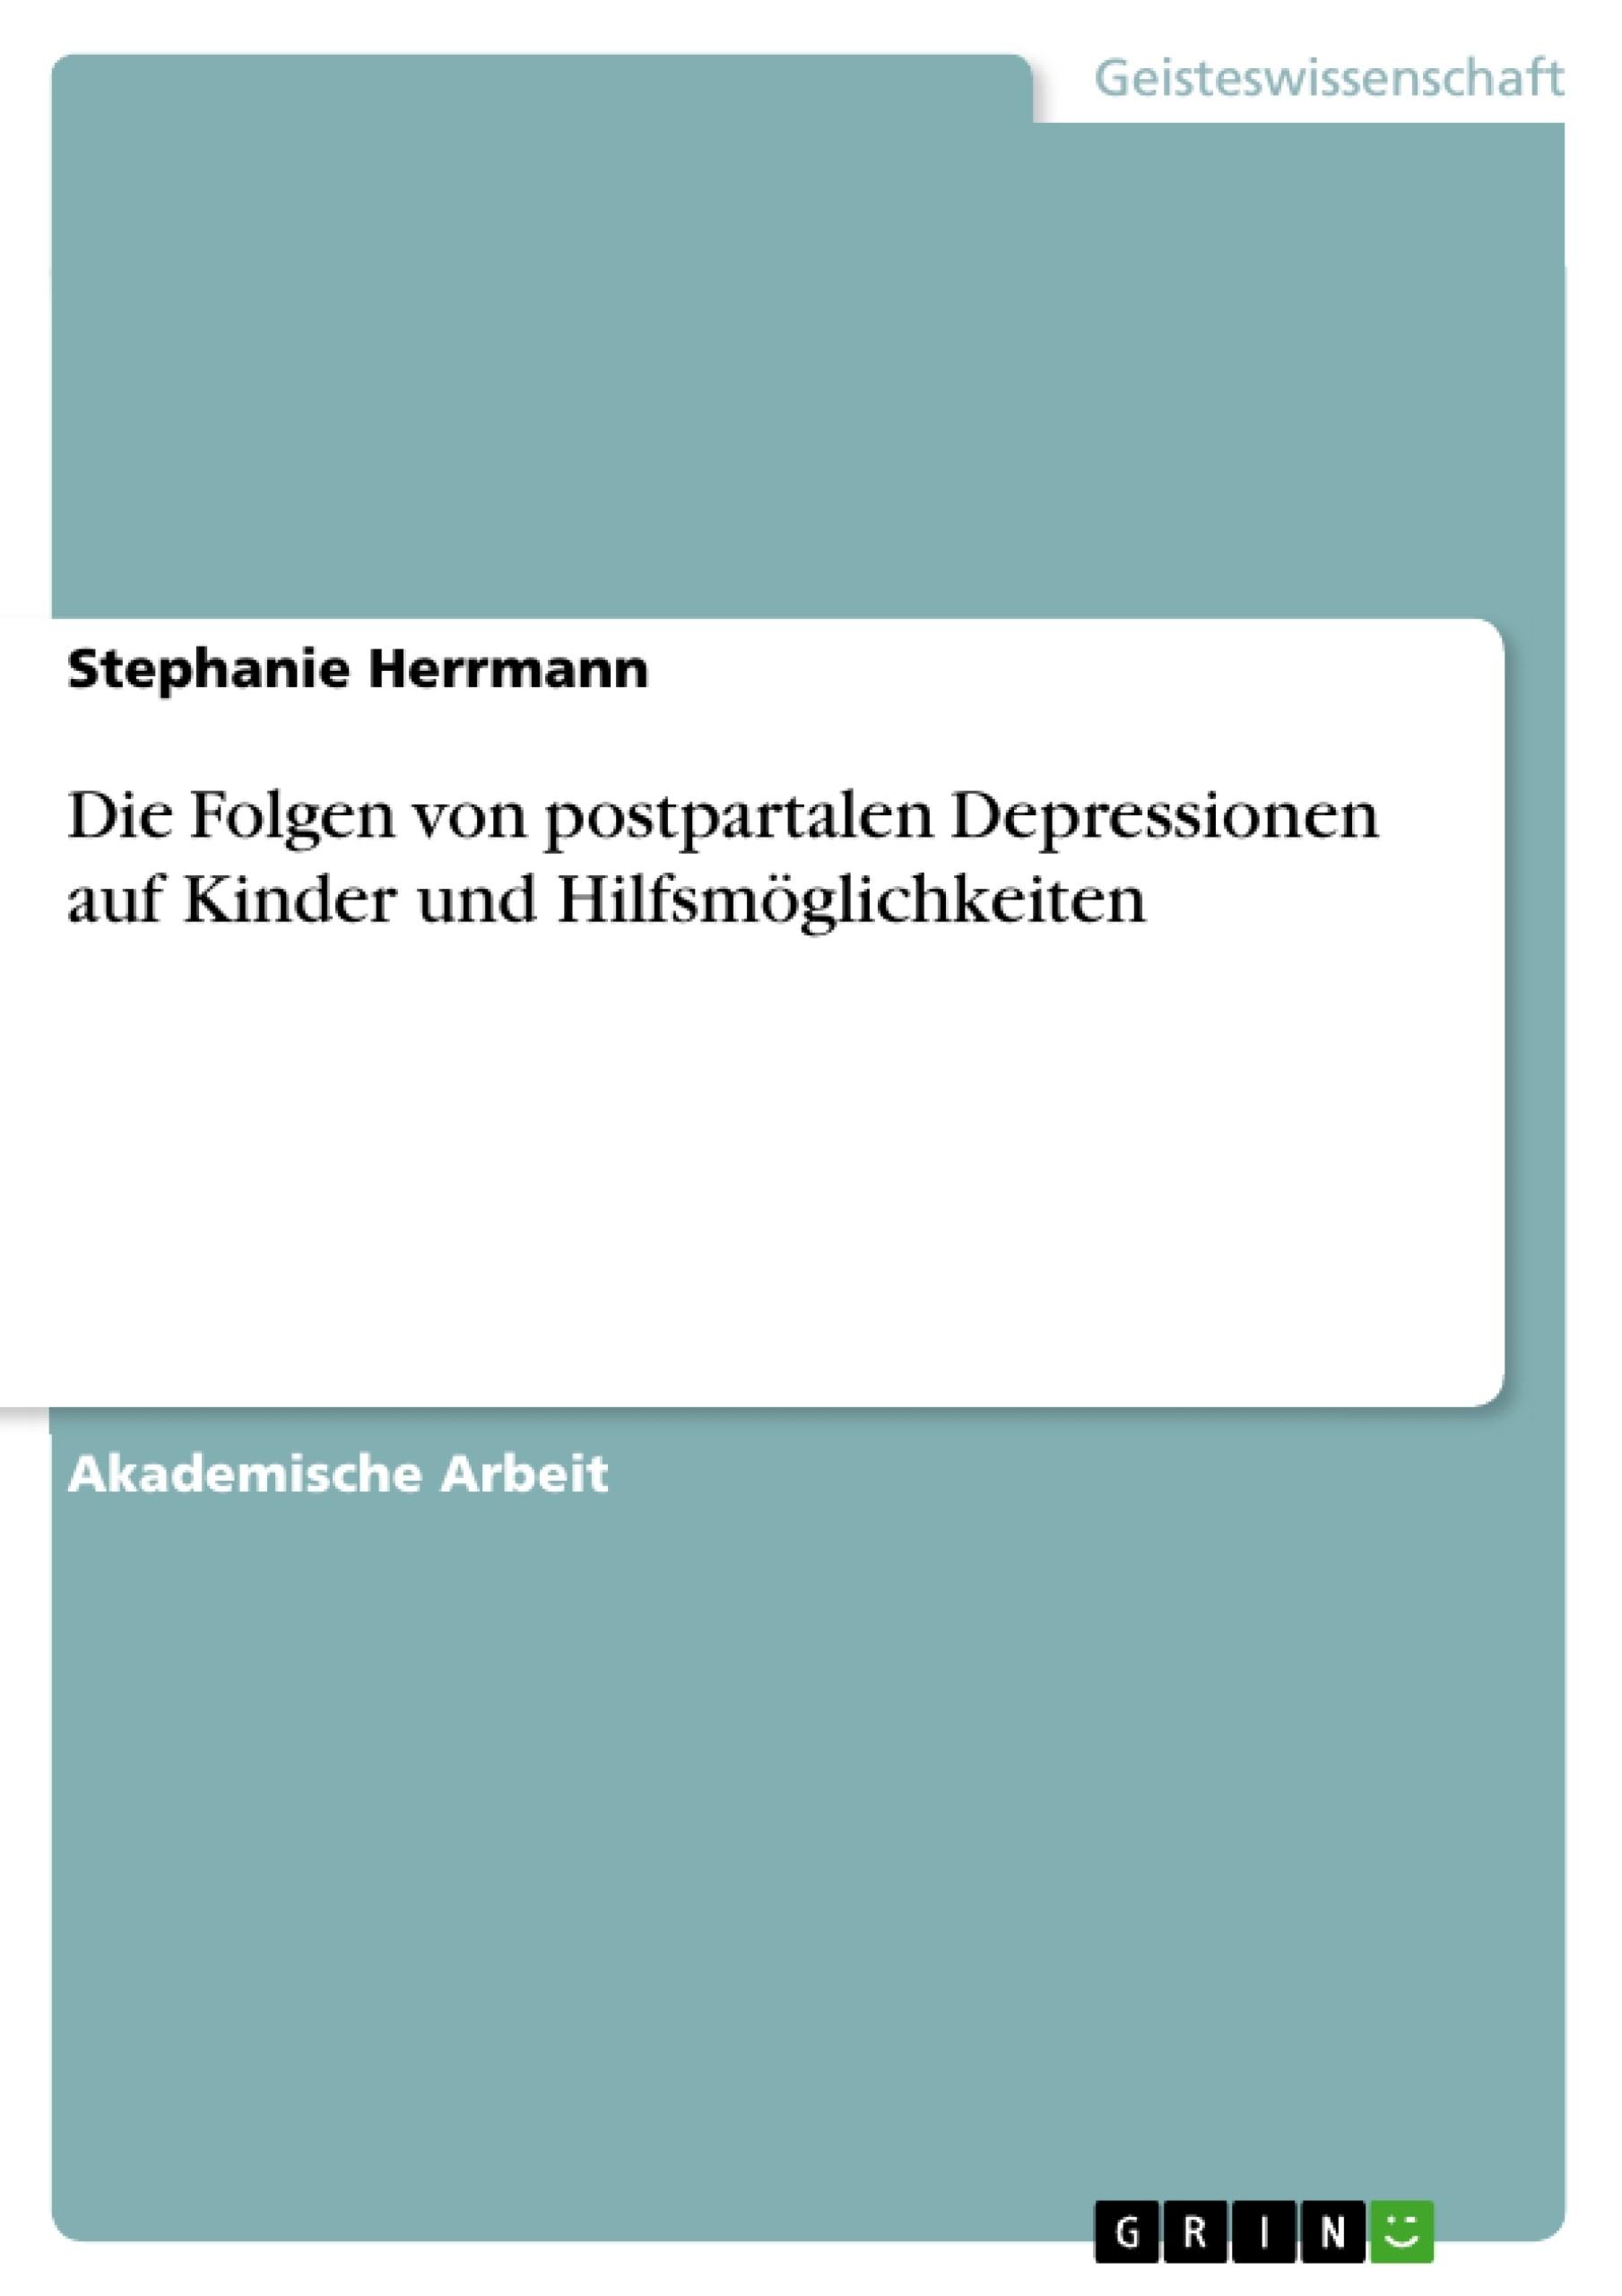 Titel: Die Folgen von postpartalen Depressionen auf Kinder und Hilfsmöglichkeiten